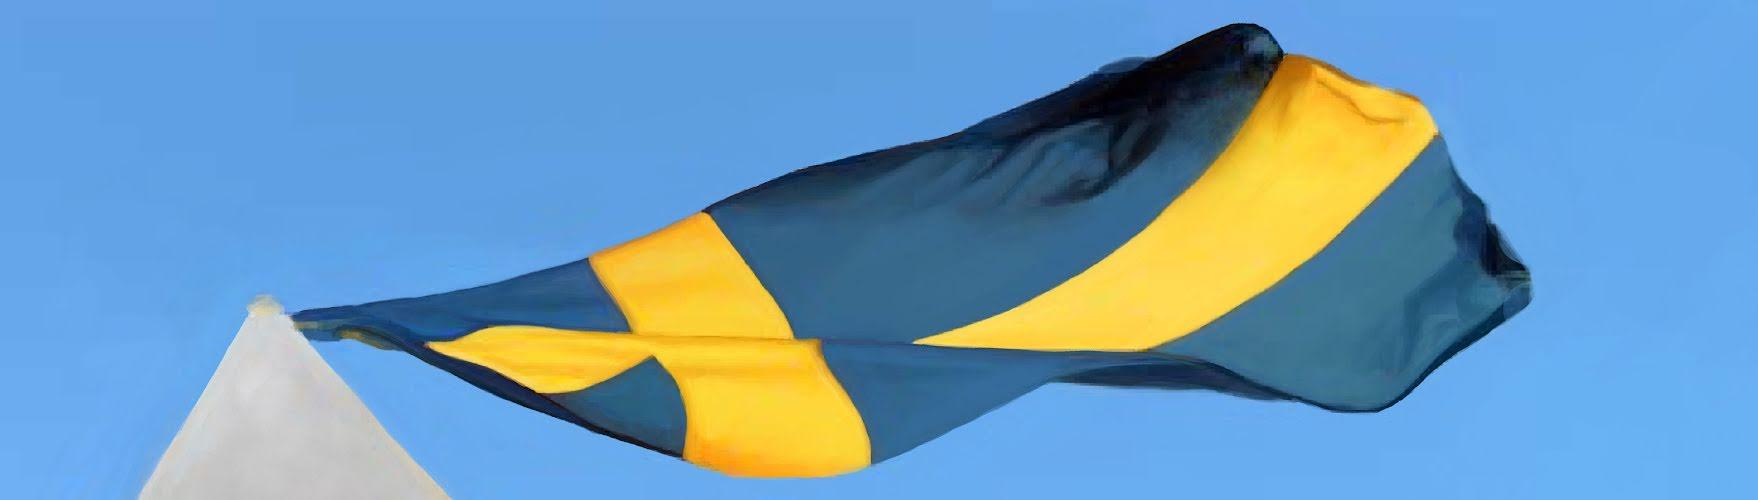 Svenska flaggor & vimplar